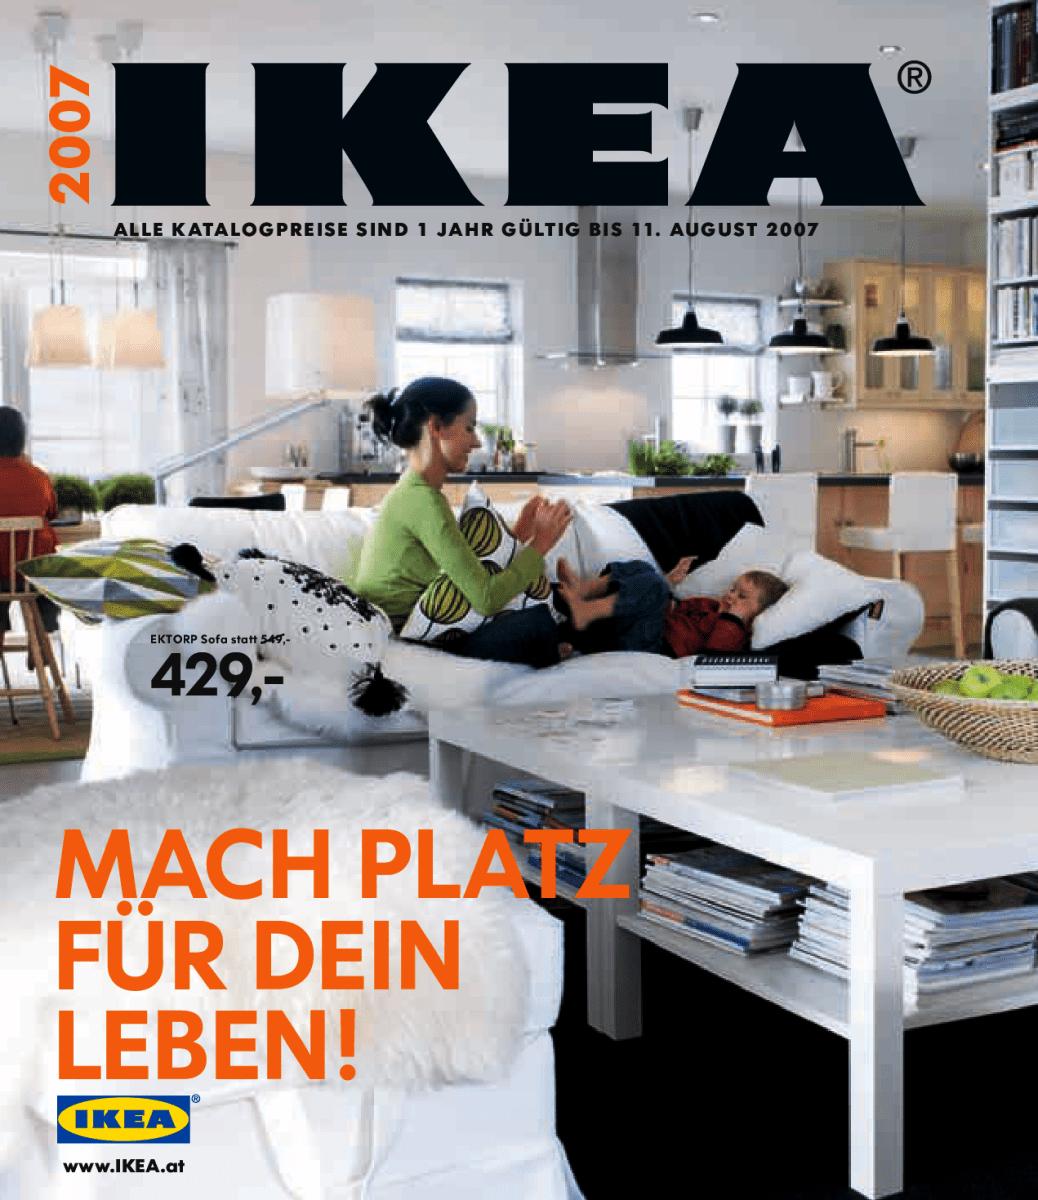 Full Size of Barrierefreie Küche Ikea Katalog 2007 Deutschland Info 24 Service Landhausstil Teppich Kräutergarten Treteimer Günstig Kaufen Industrie Kräutertopf Wohnzimmer Barrierefreie Küche Ikea